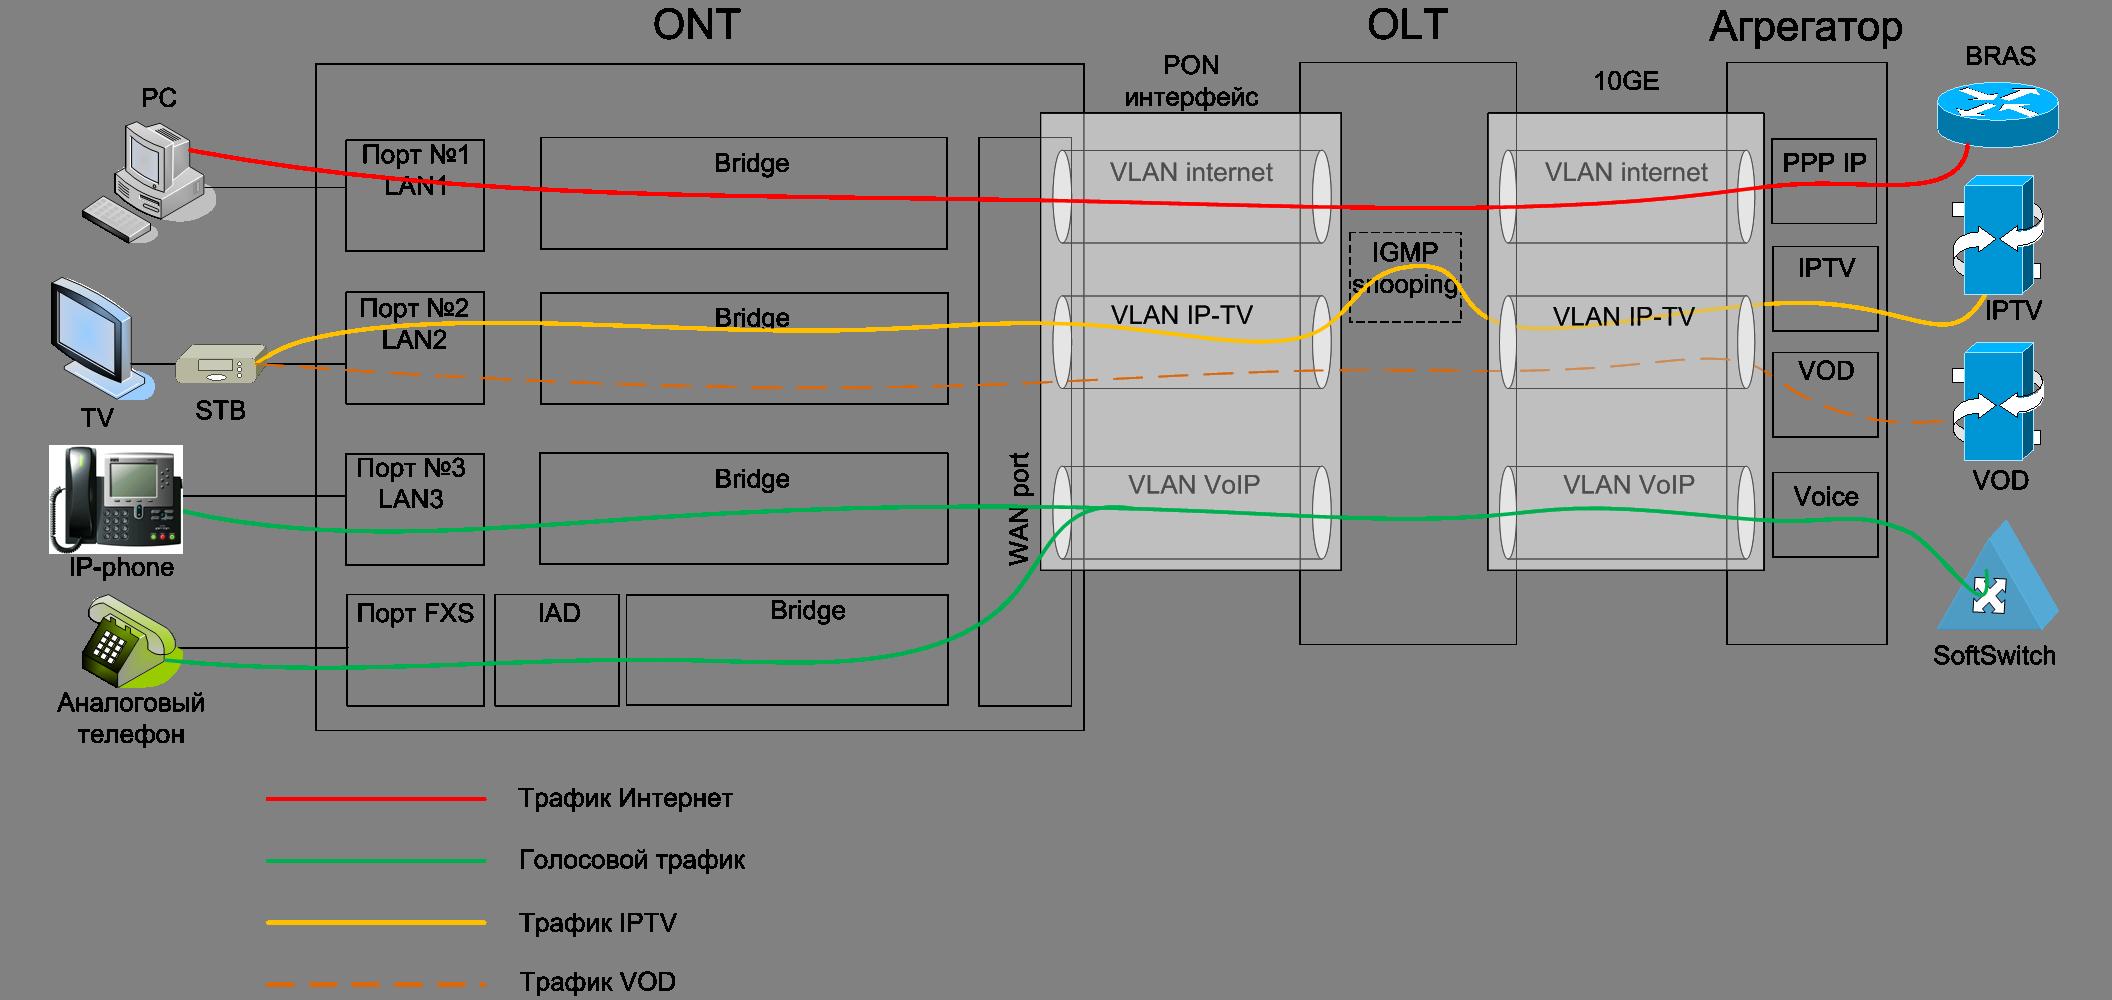 Основные отличия gepon и gpon сетей - tvbs